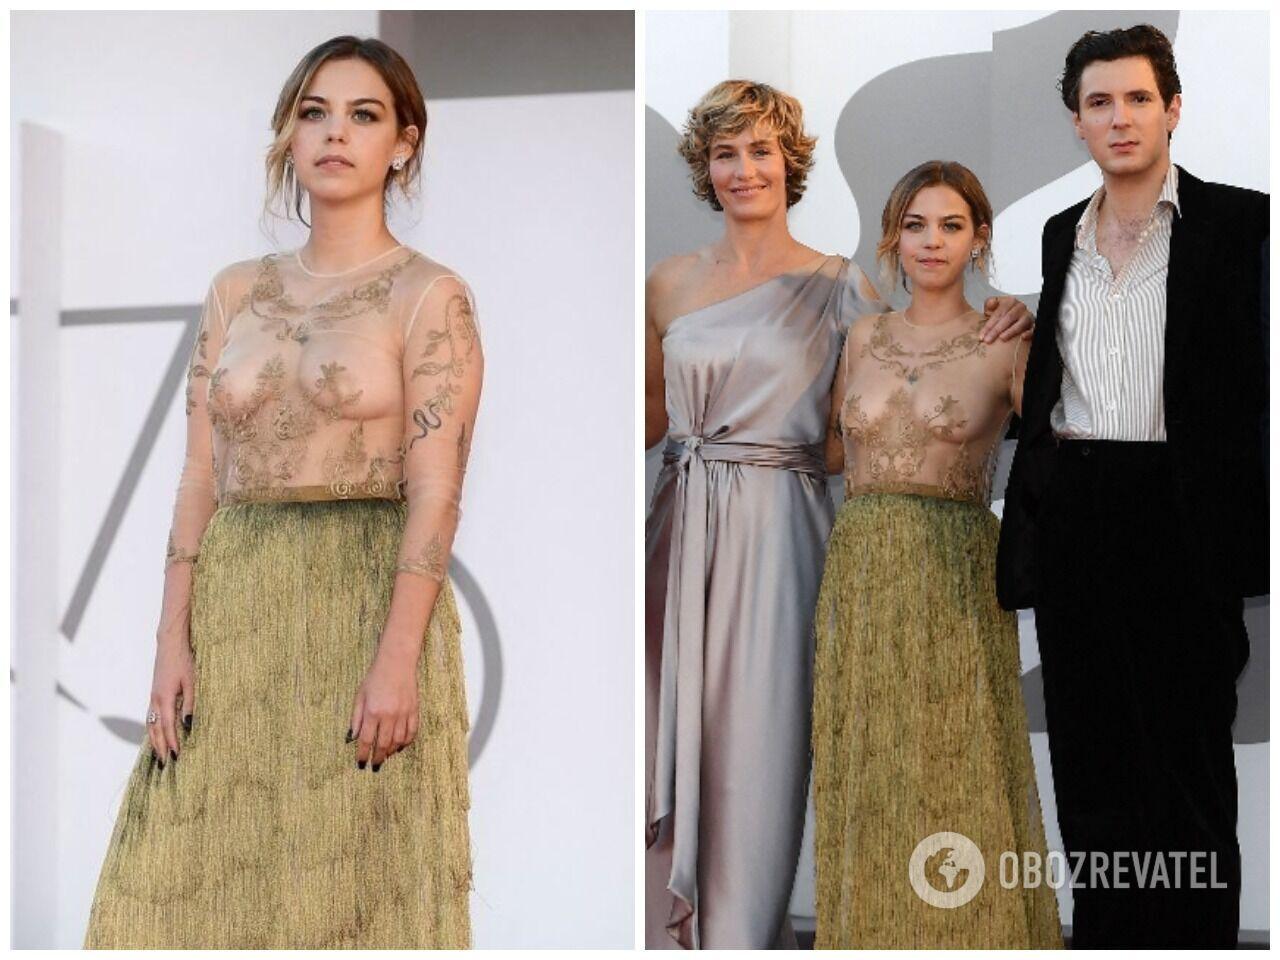 Саломе Девальс вышла в прозрачном платье